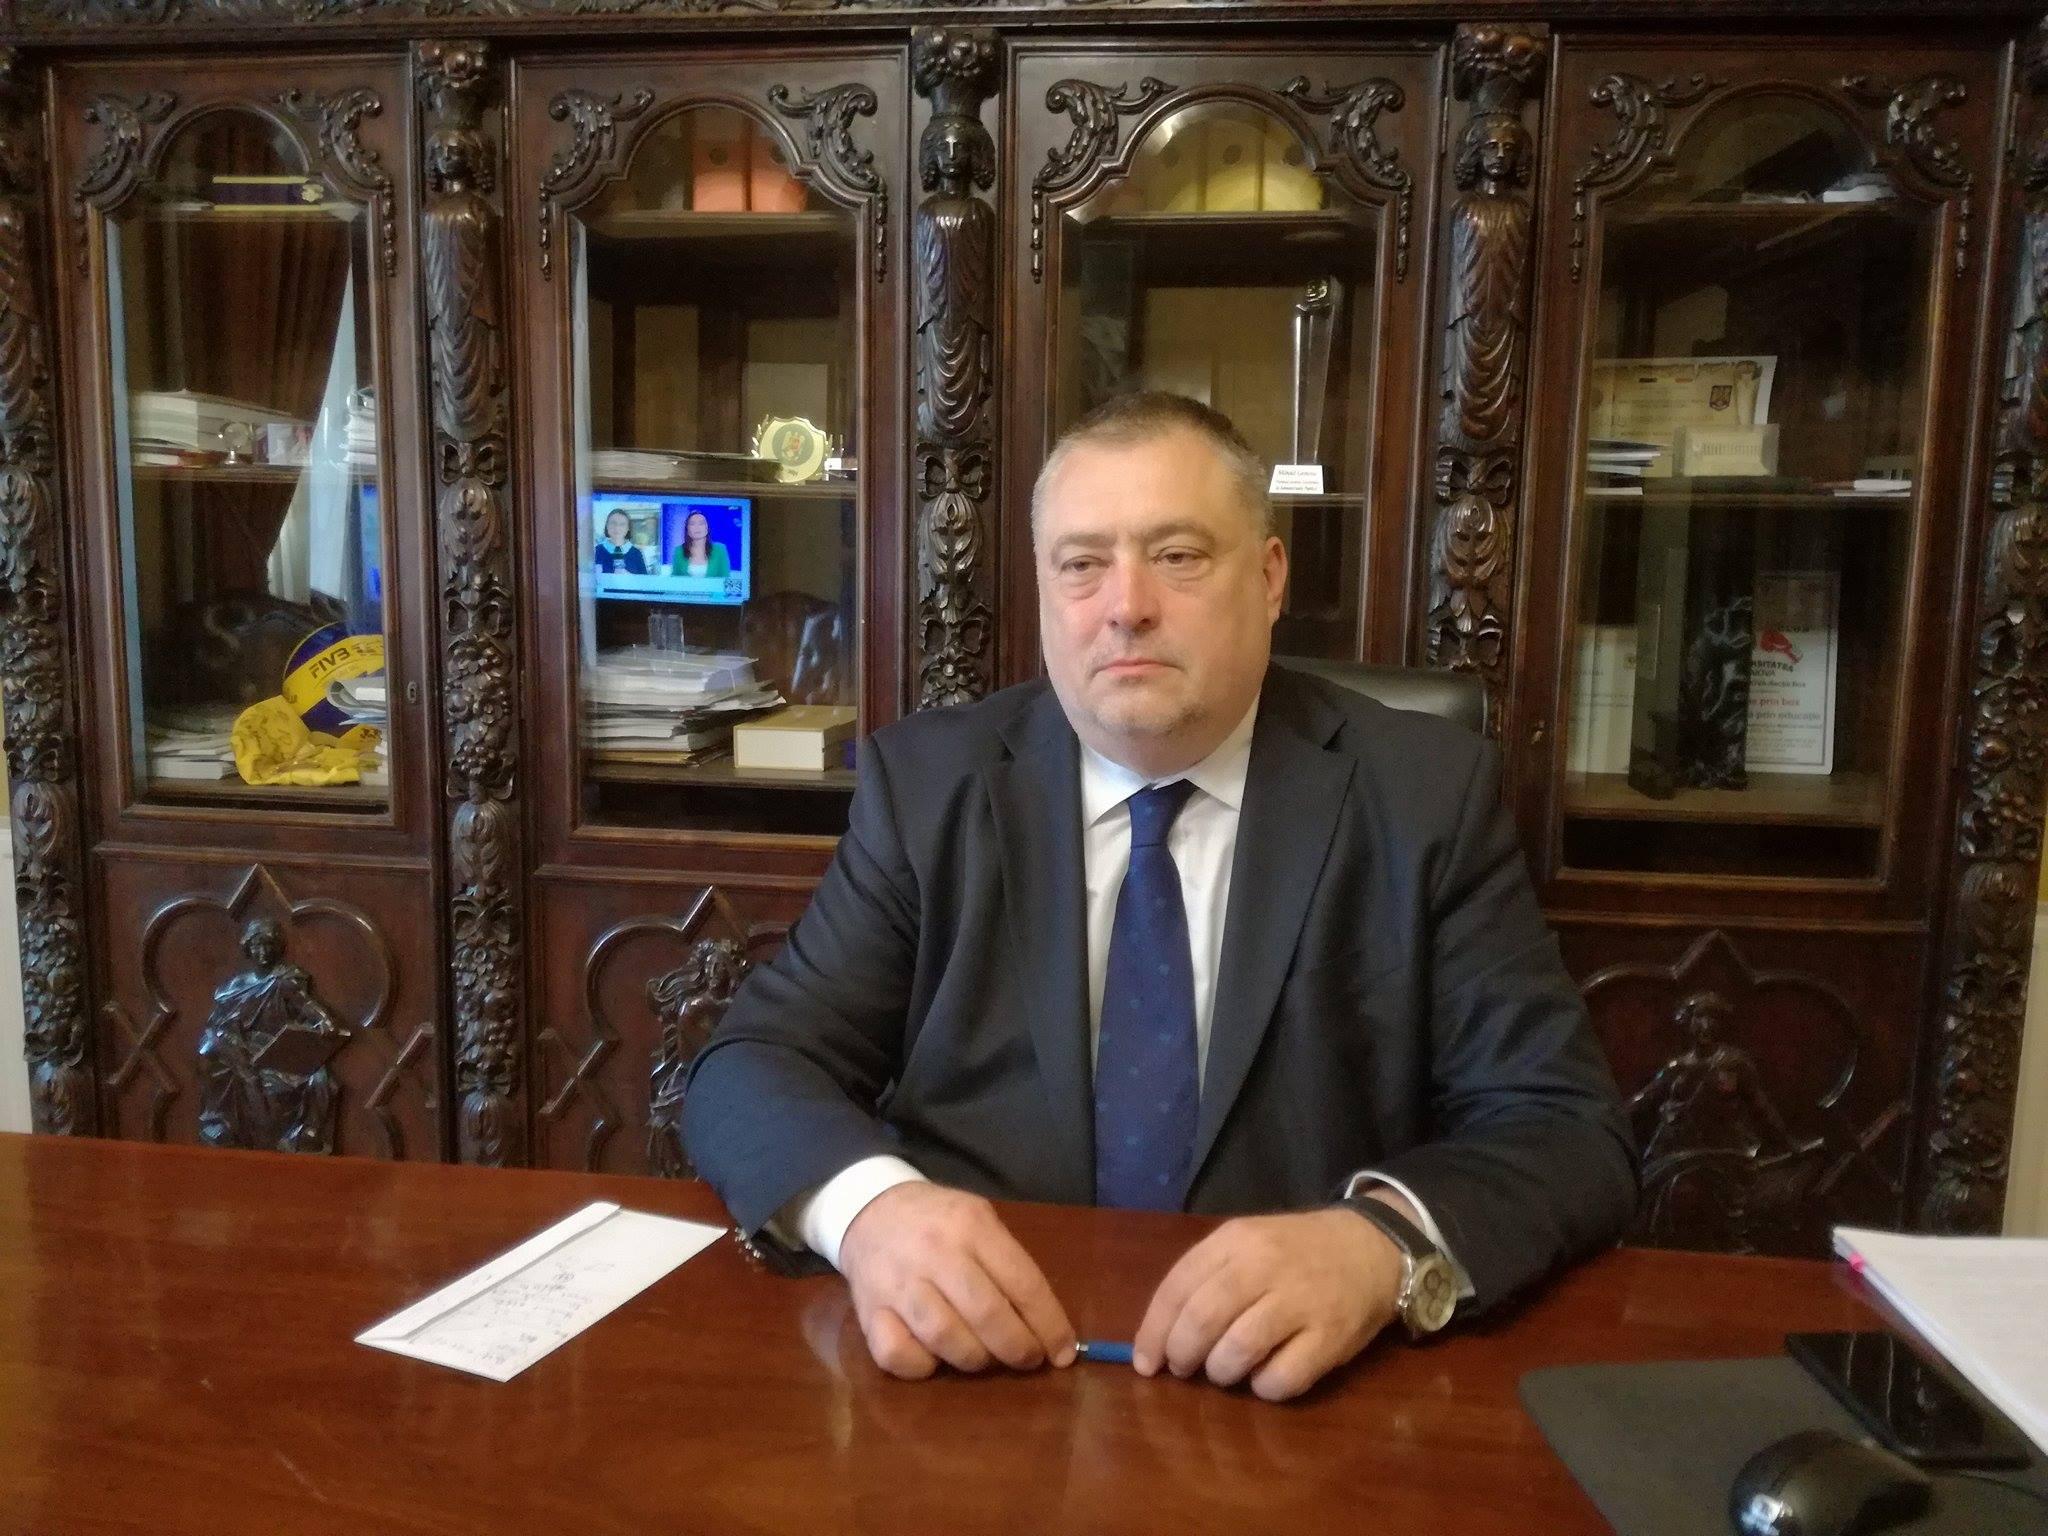 Numărătoare paralelă: Mihail Genoiu este noul primar al Craiovei